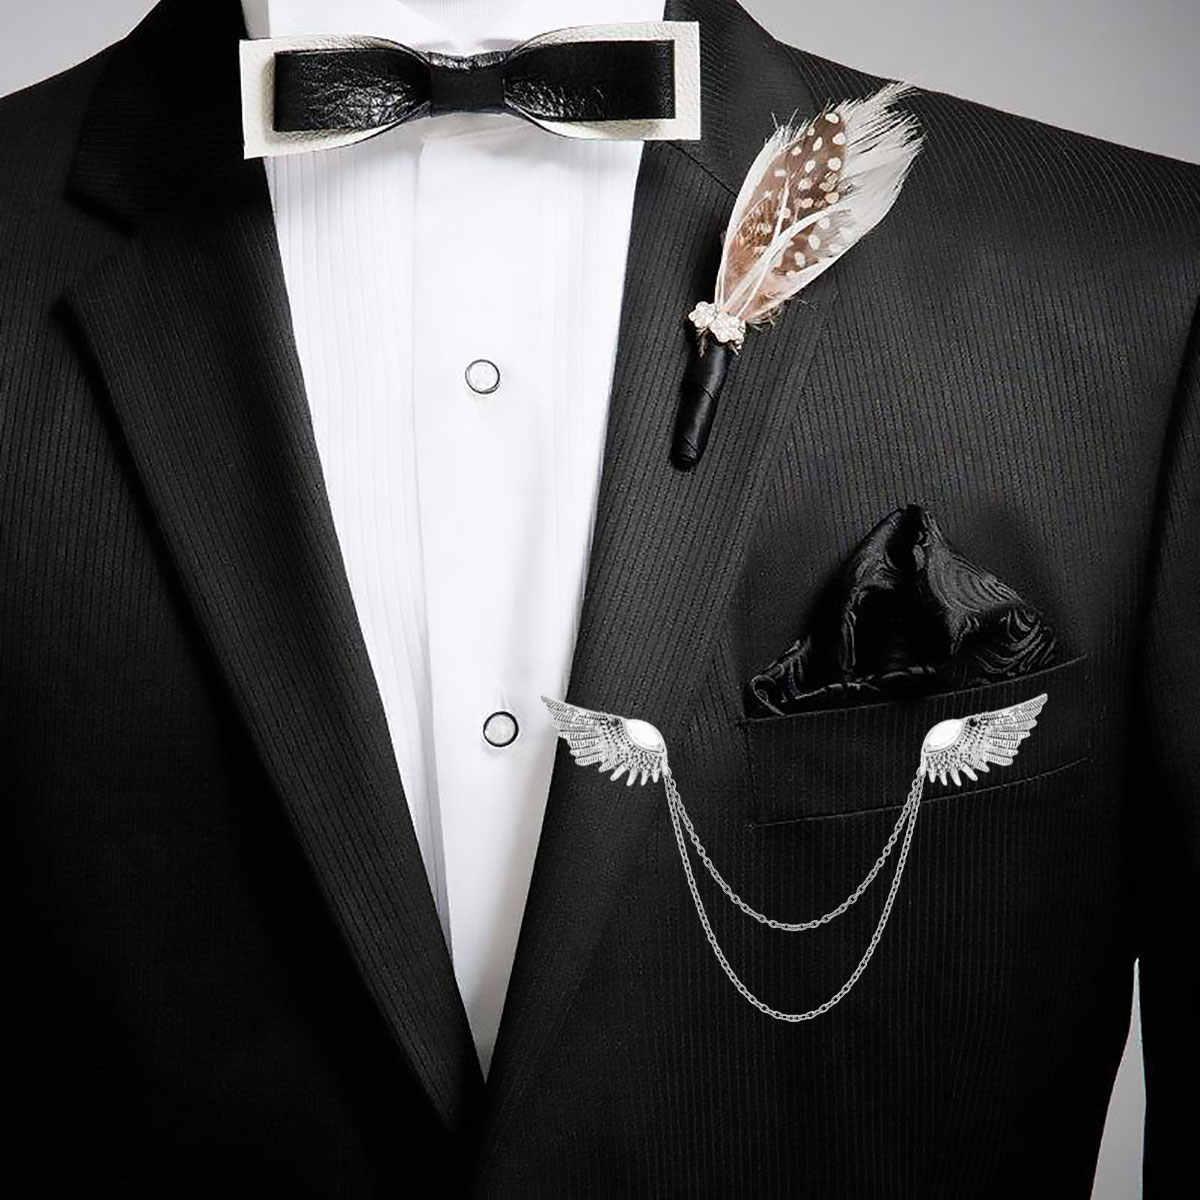 Mens di modo Maschio Ali di Angolo Collare Spille Spilla Maglione Scialle Pinze Cardigan Collare di Clip Del Supporto Decorazione per Un'occasione Formale